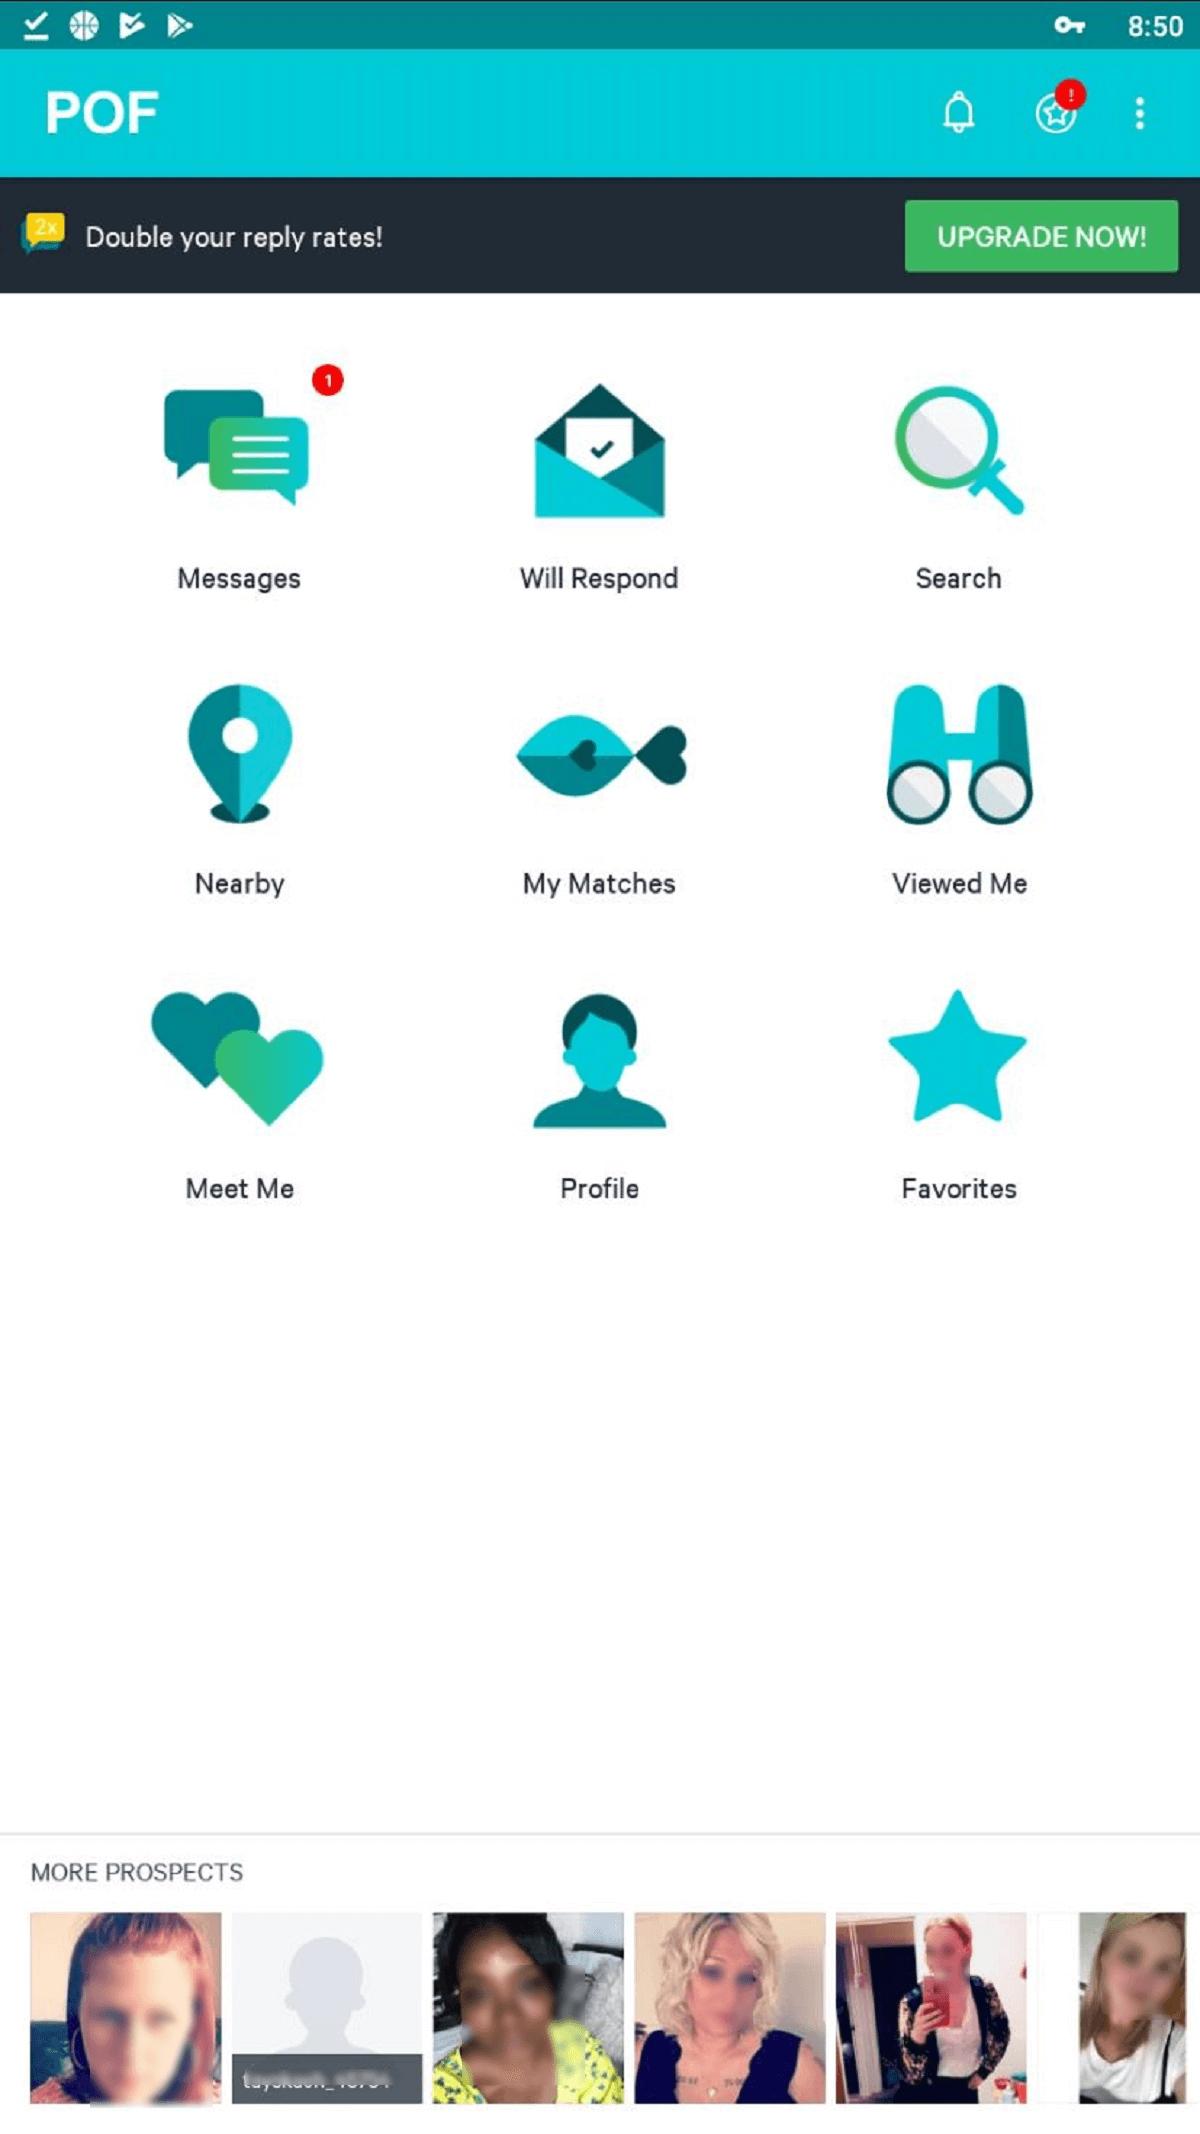 POF-App